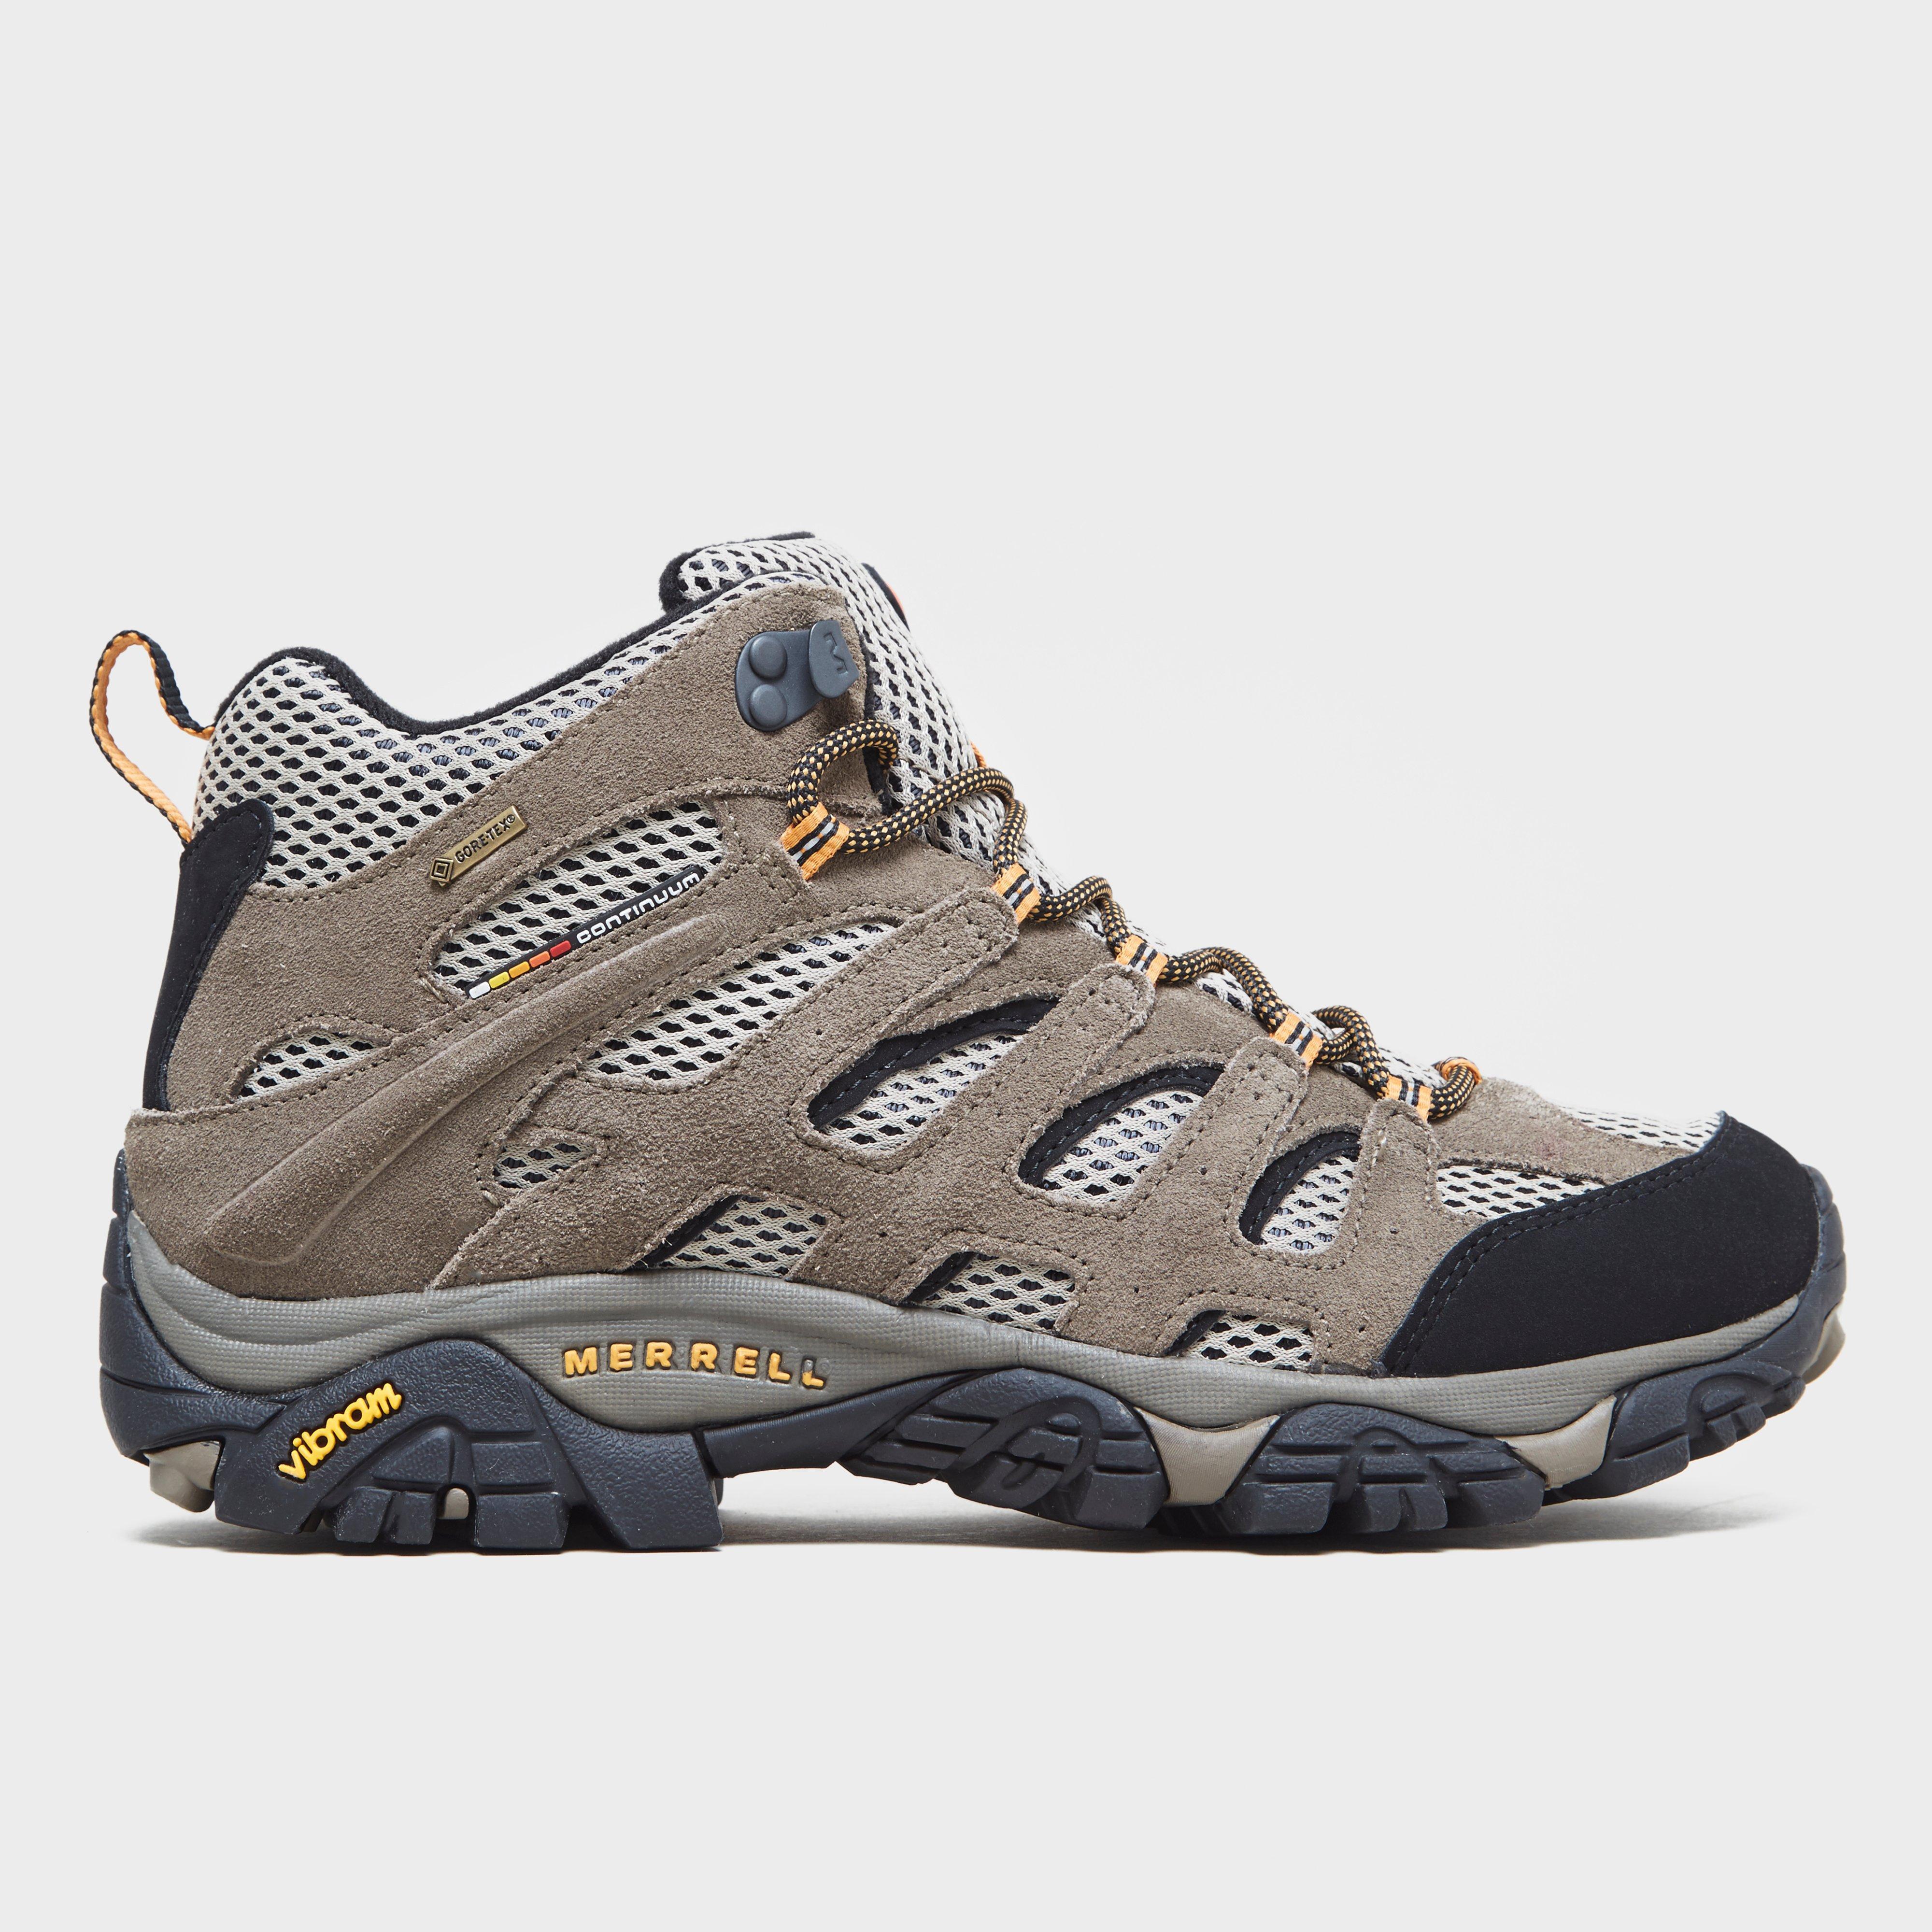 d90711d0 Men's Moab GORE-TEX® XCR® Mid Boots